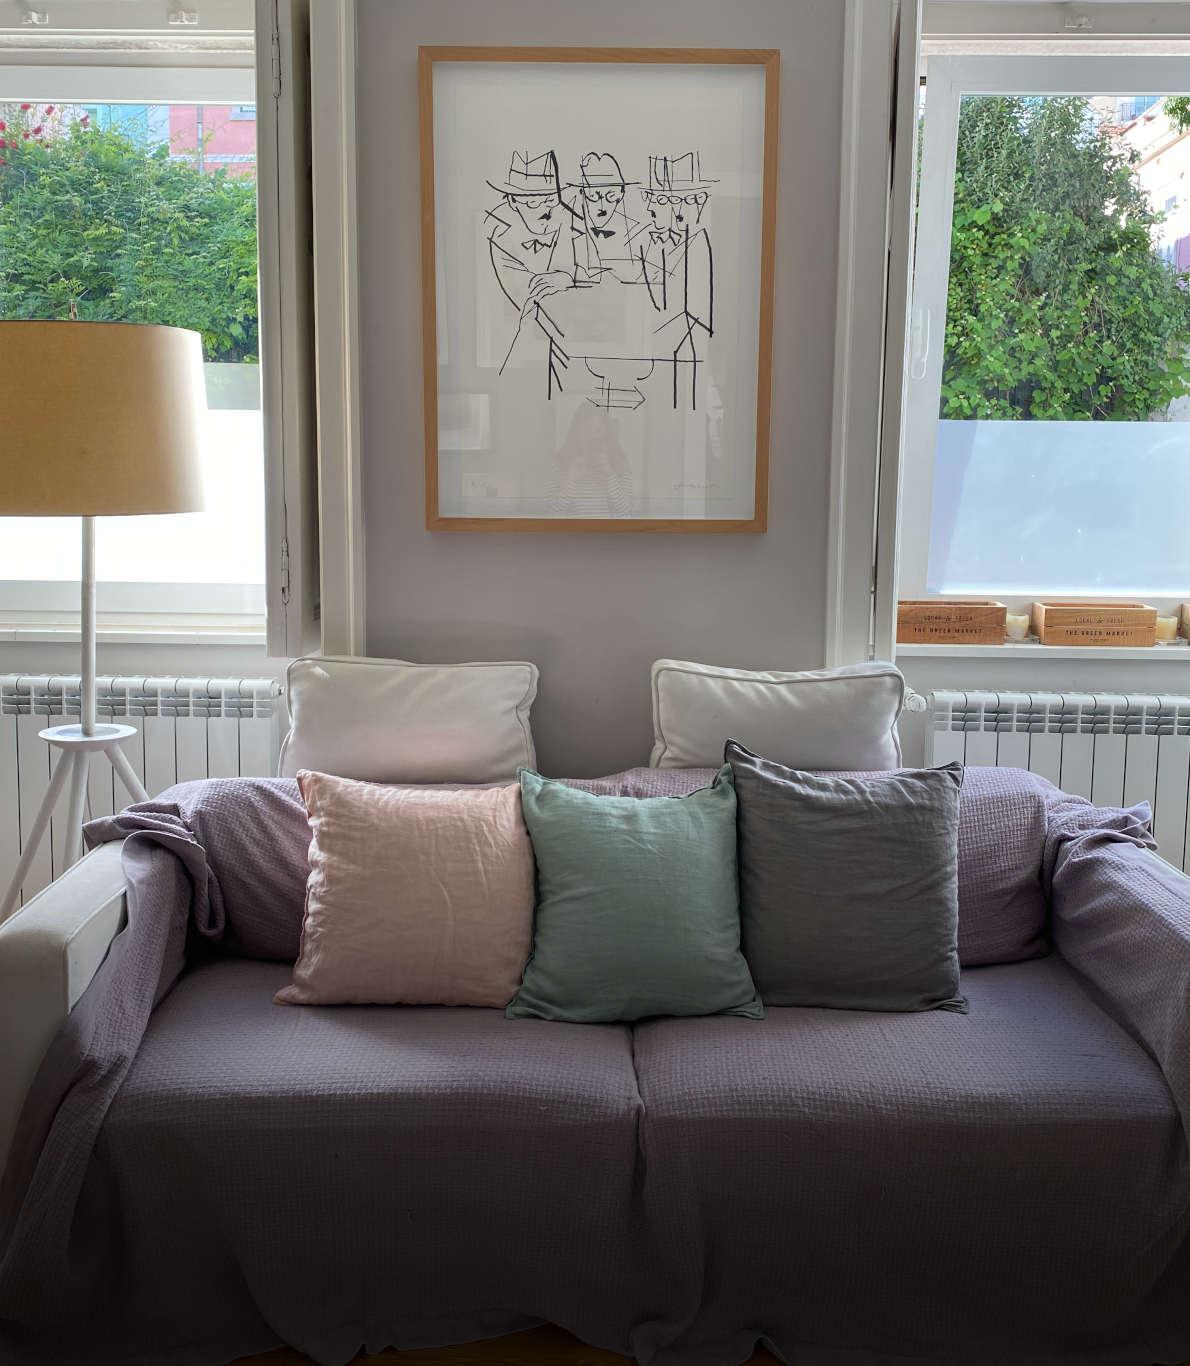 Canto de uma sala de estar com um sofá branco revestido de almofadas coloridas e uma manta lilás por cima